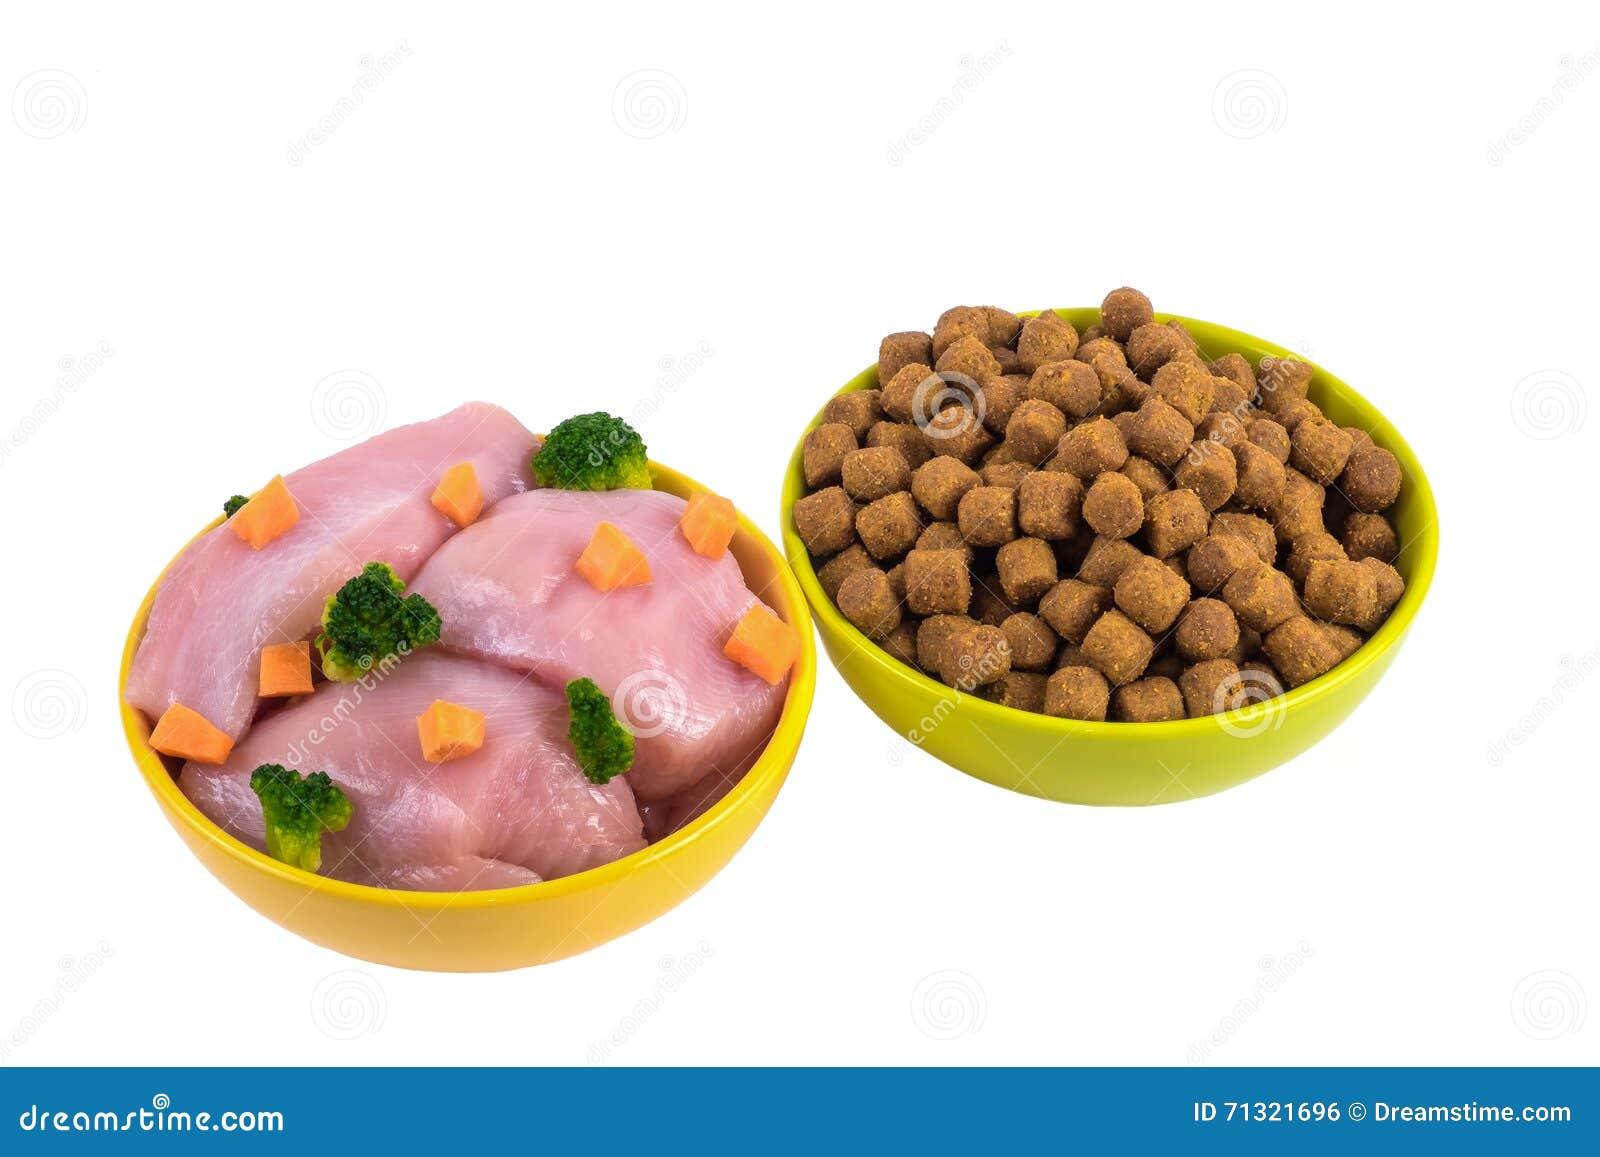 Comida de perro seca y comida de perro natural en los cuencos de cerámica aislados en w